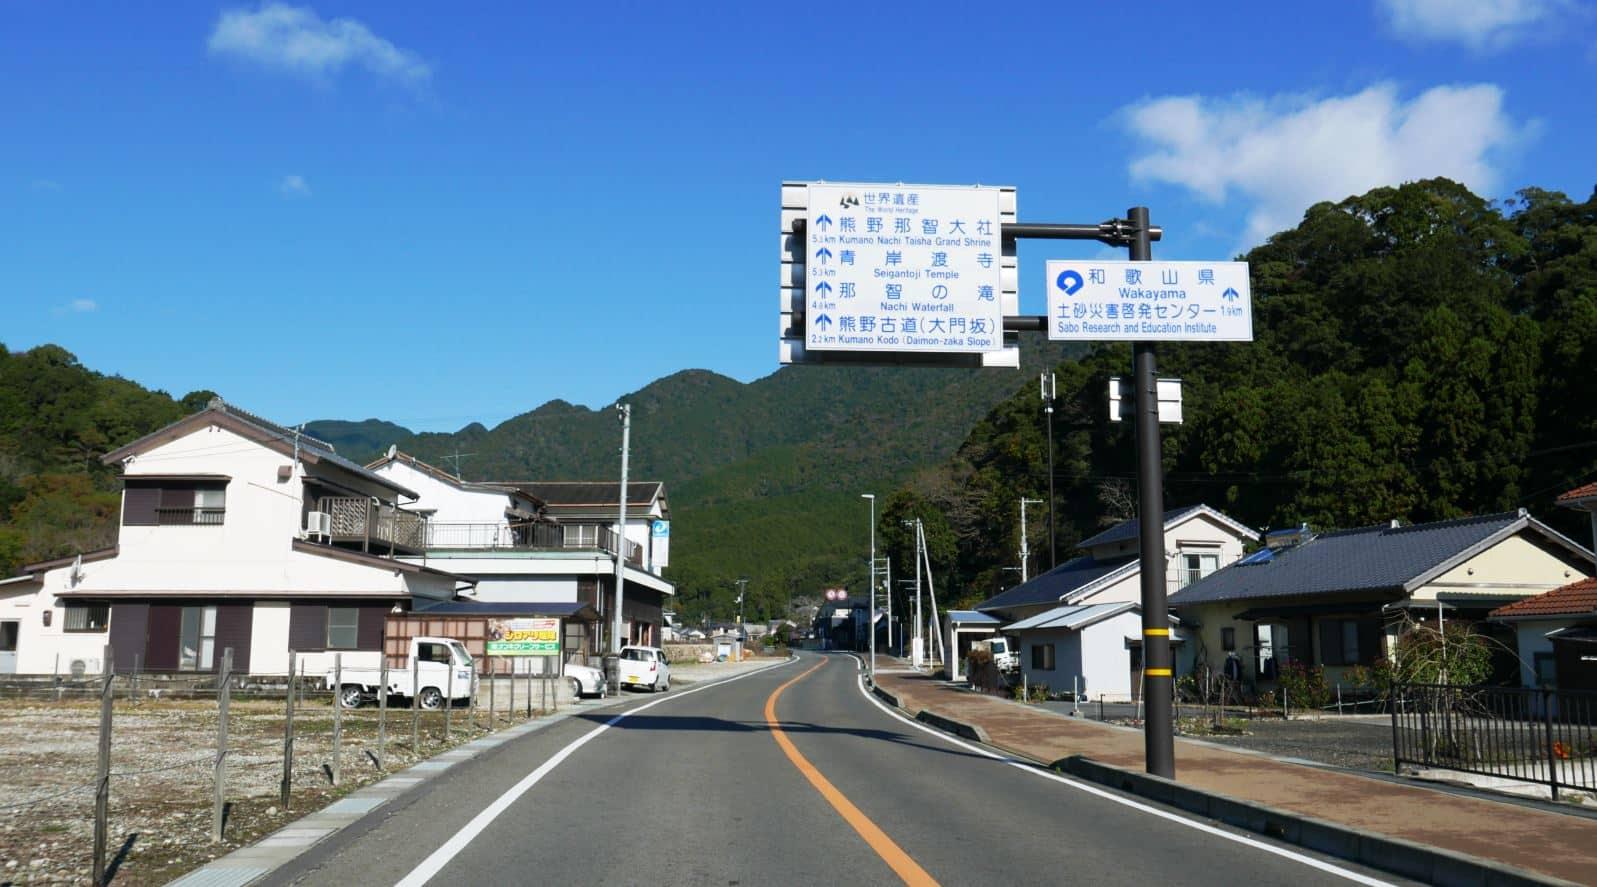 Enroute to Kumano Nachi Taisha